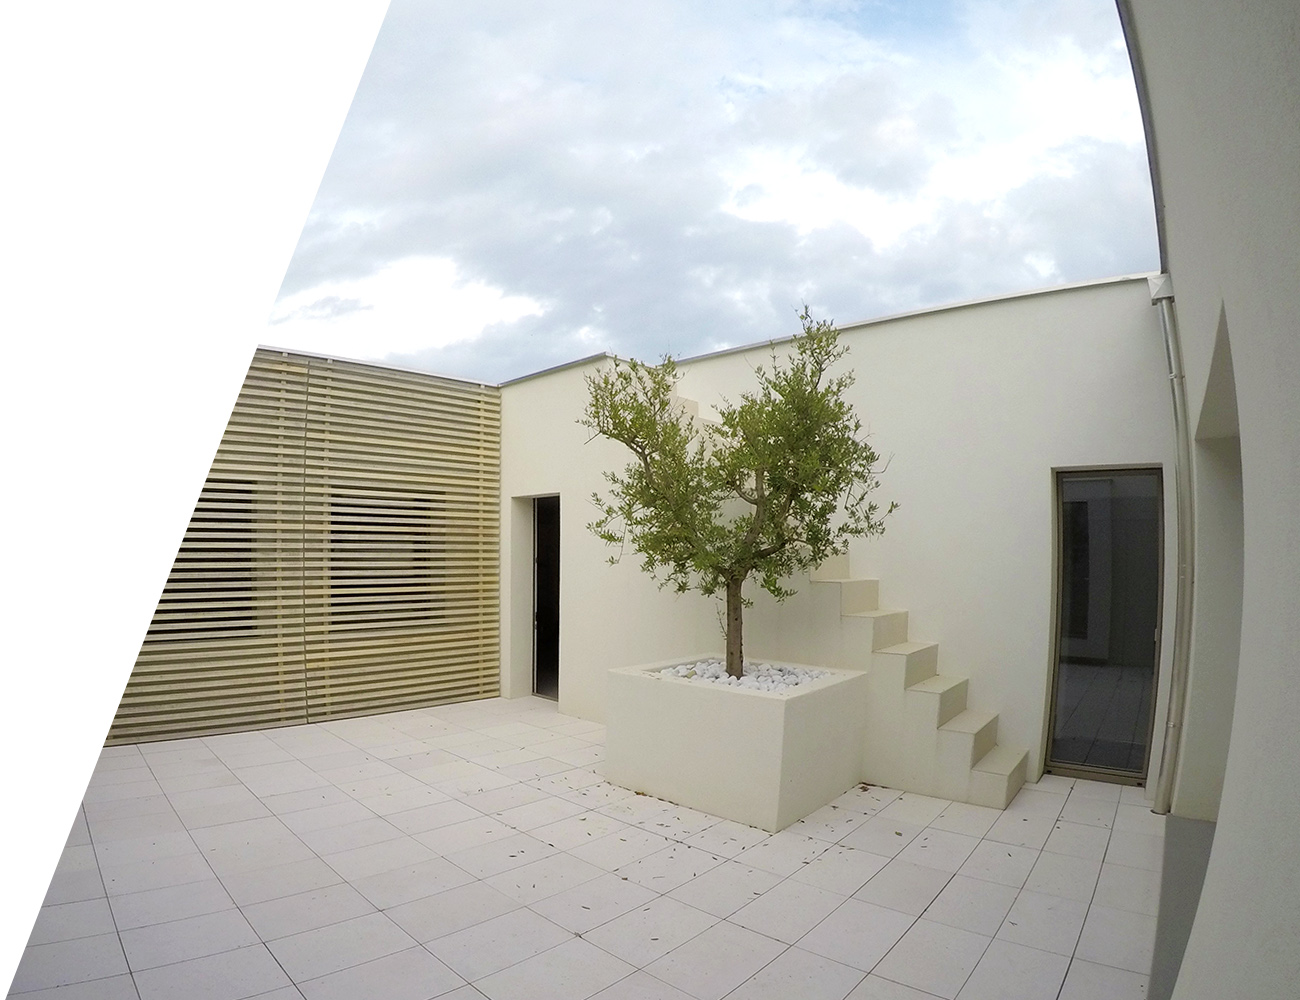 Wooden Houses_Villa Unifamiliare a due piani_patio interno